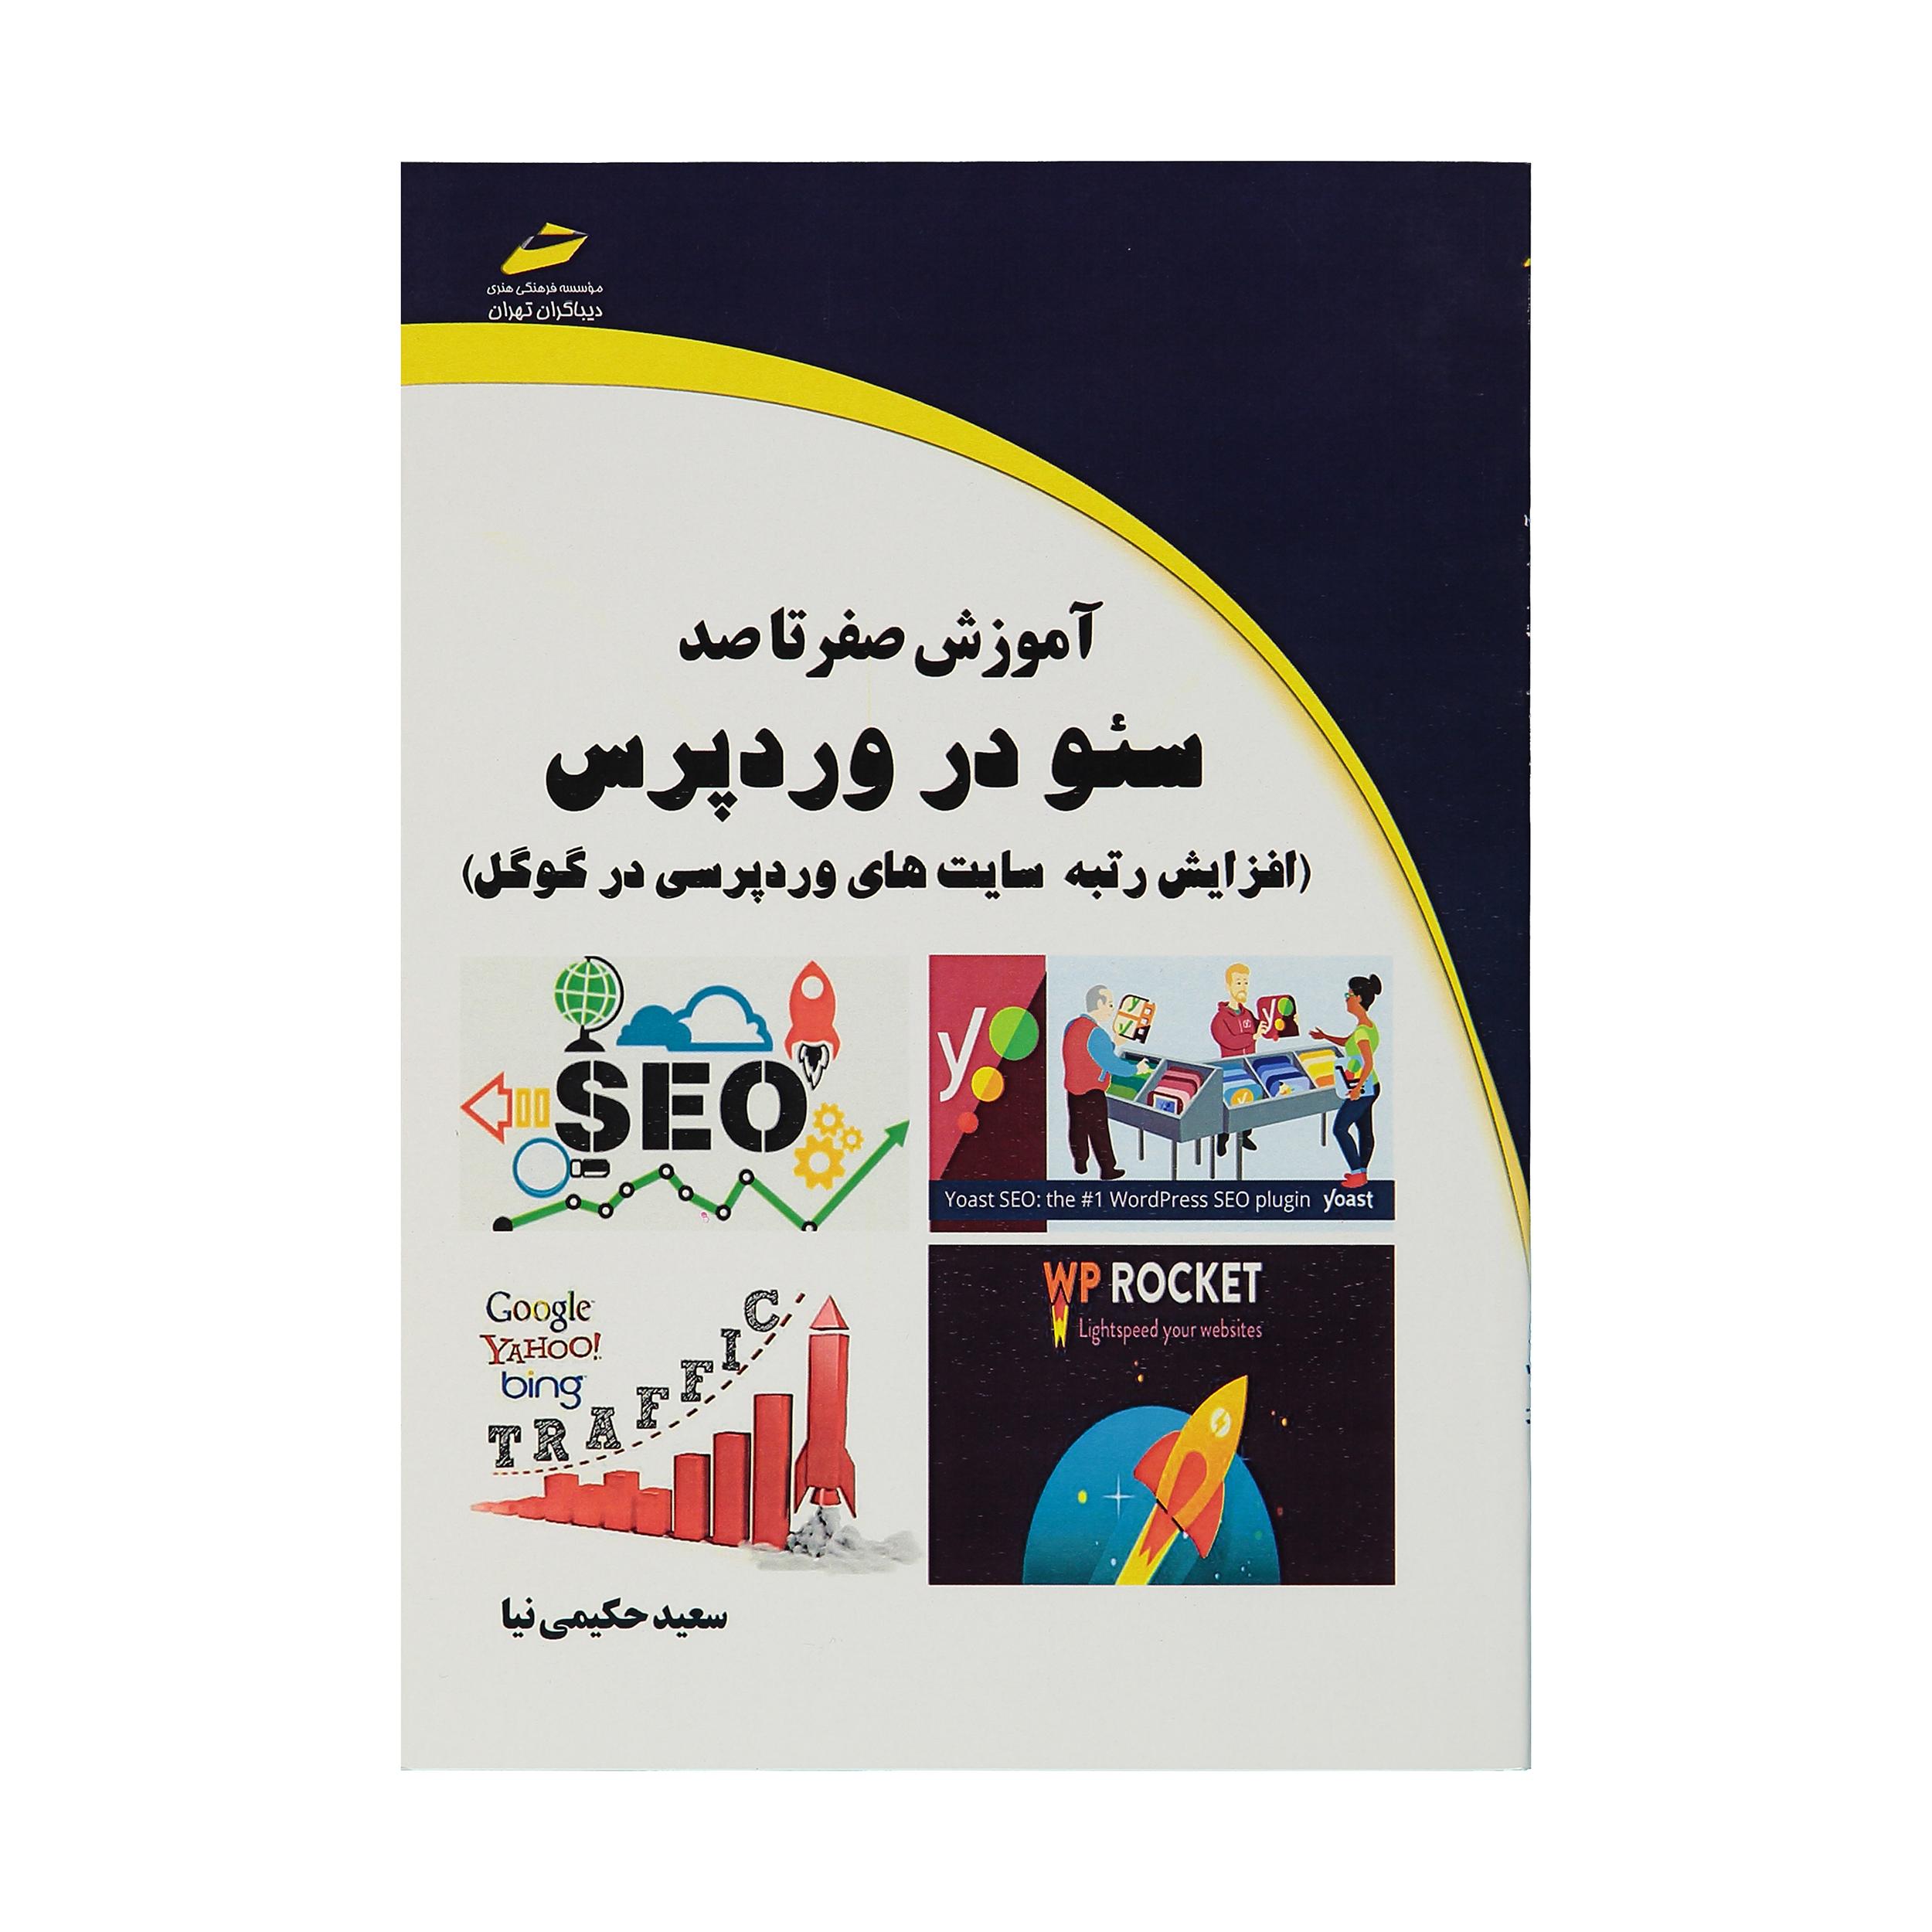 کتاب آموزش صفر تا صد سئو در وردپرس اثر سعید حکیمی نیا انتشارات دیباگران تهران